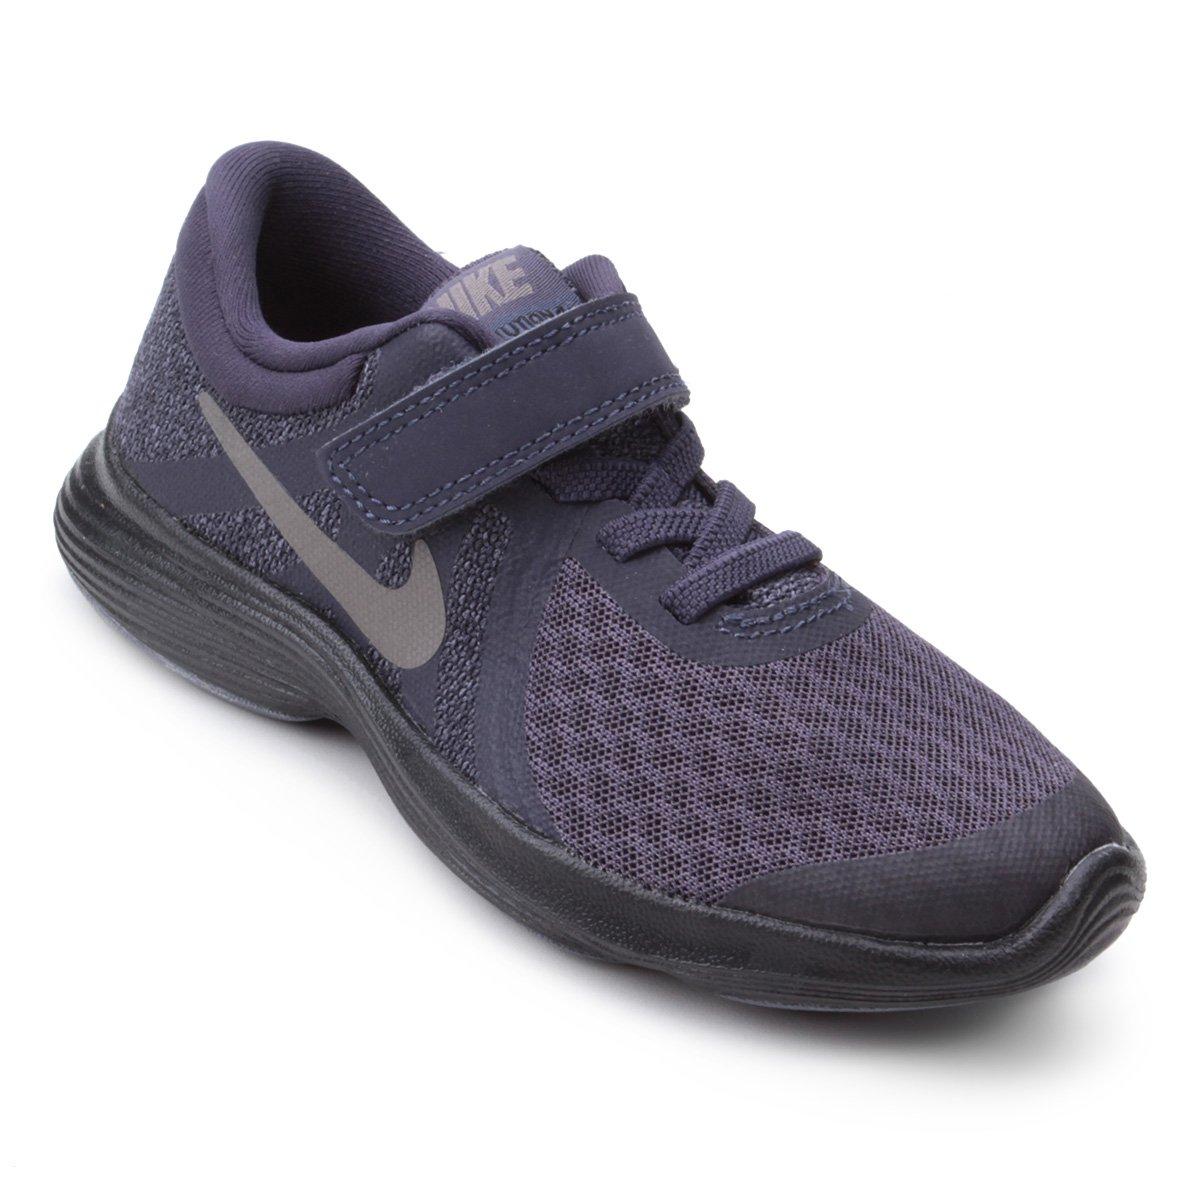 Tênis Infantil Nike Revolution 4 Masculino - Preto e Cinza - Compre ... c9af84d1822f6